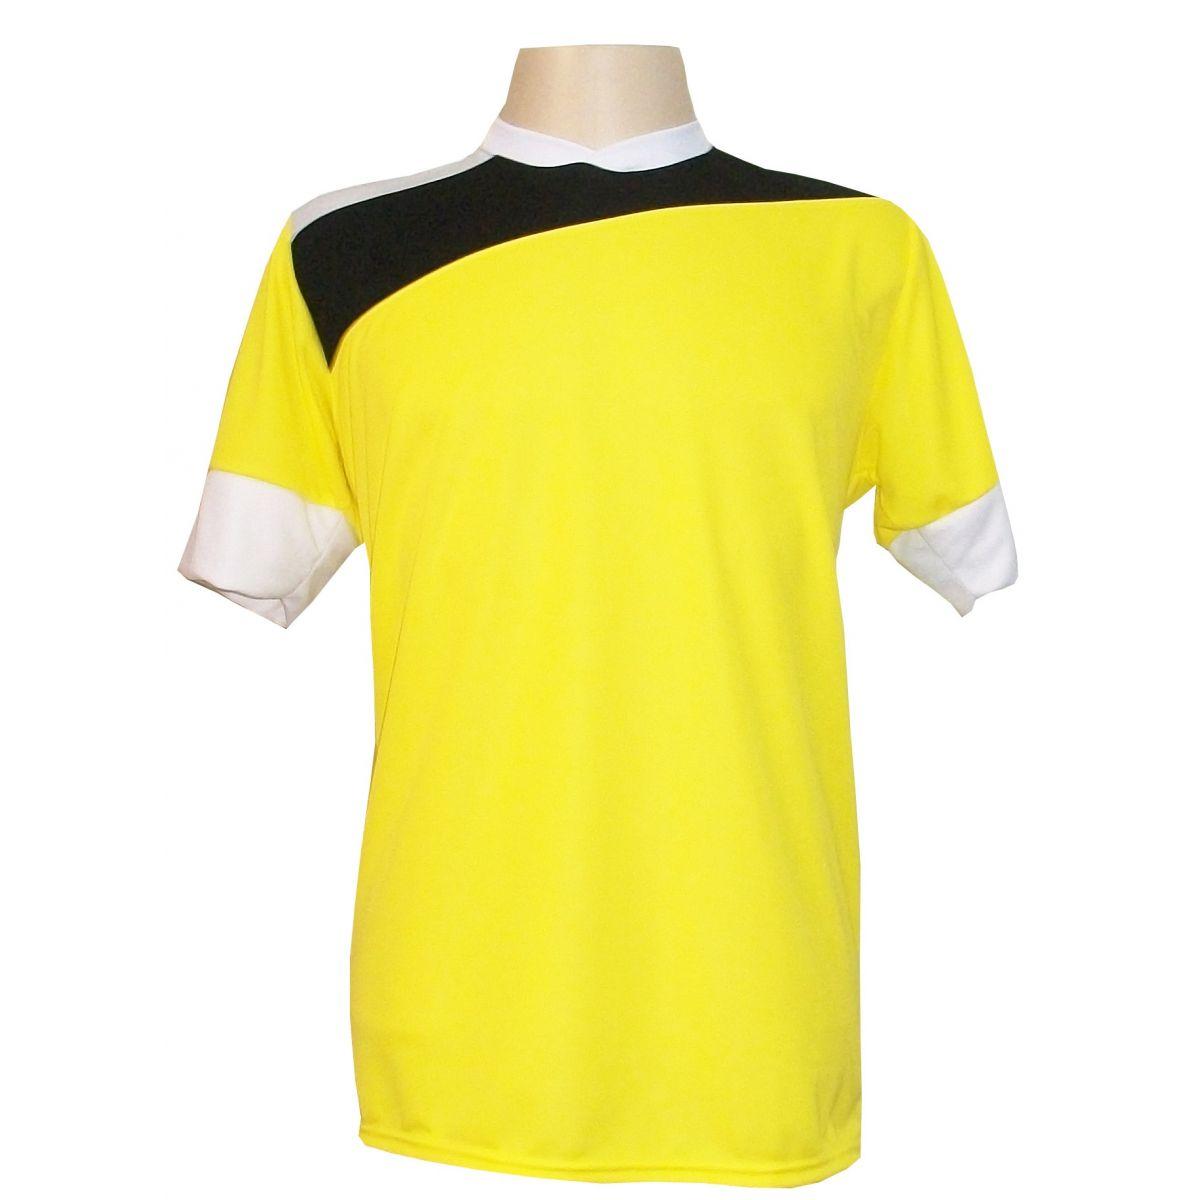 Jogo de Camisa com 14 unidades modelo Sporting Amarelo/Preto/Branco